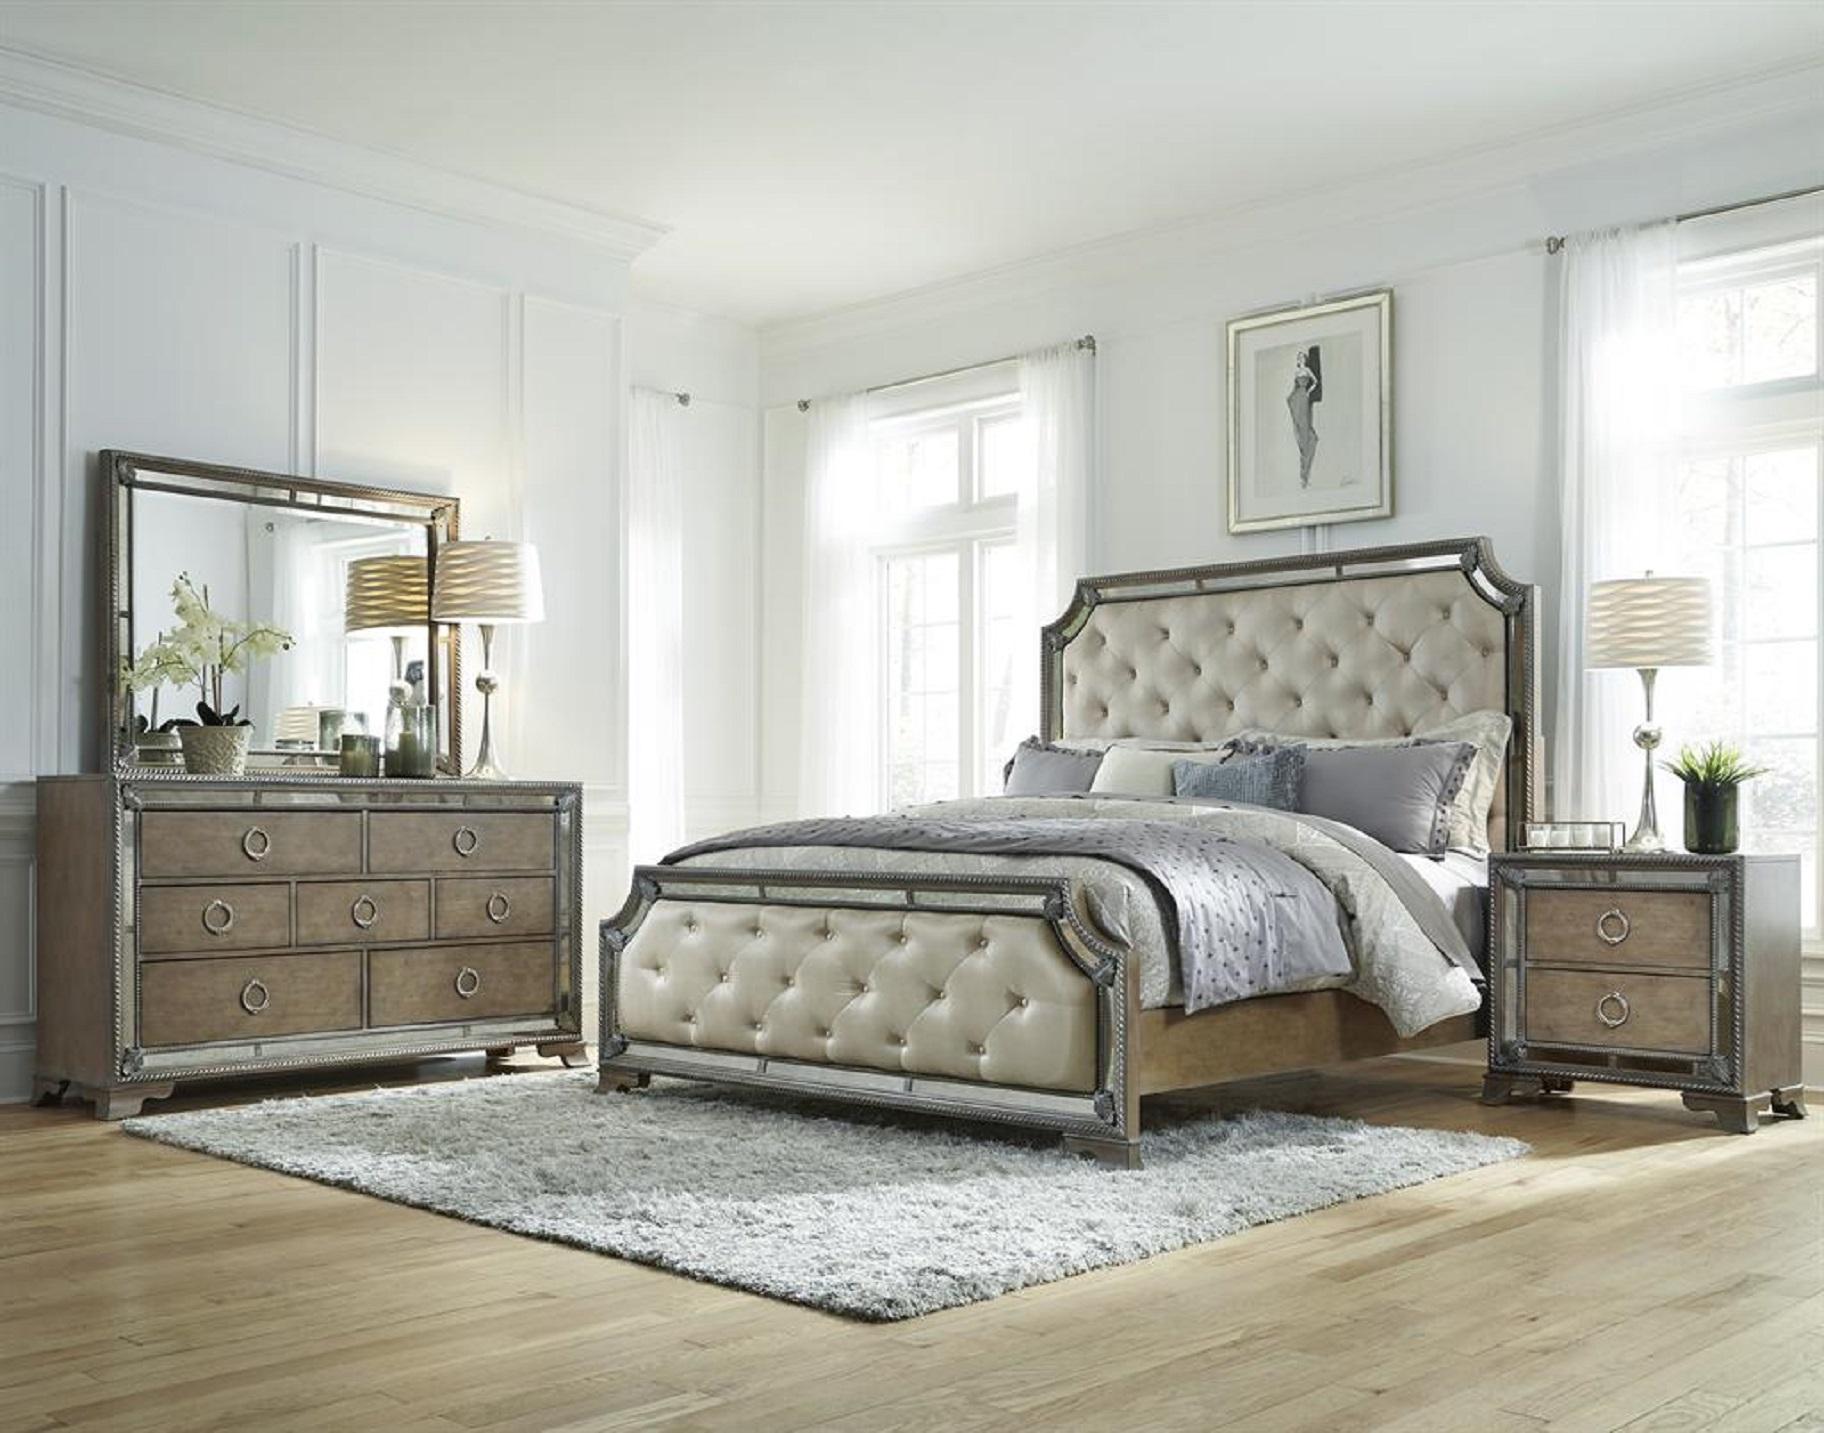 silver mirror bedroom set | hawk haven